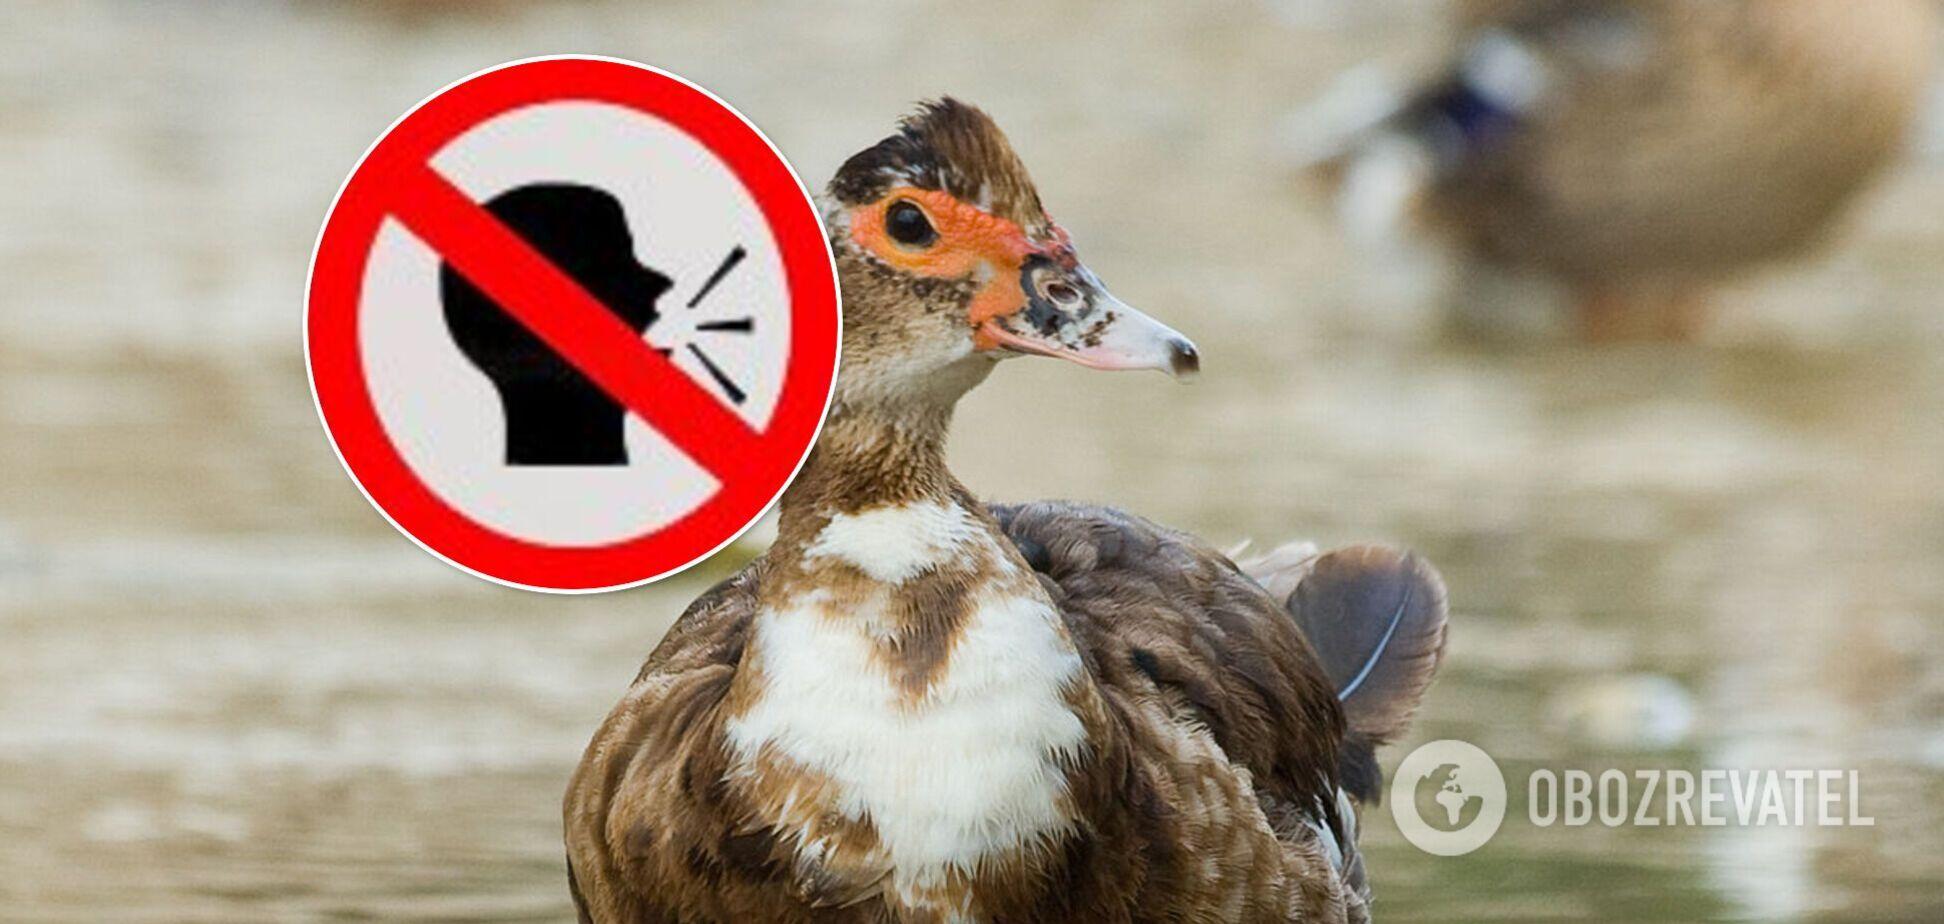 Називала відвідувачів дурнями: в Австралії качка навчилася лаятись. Відео